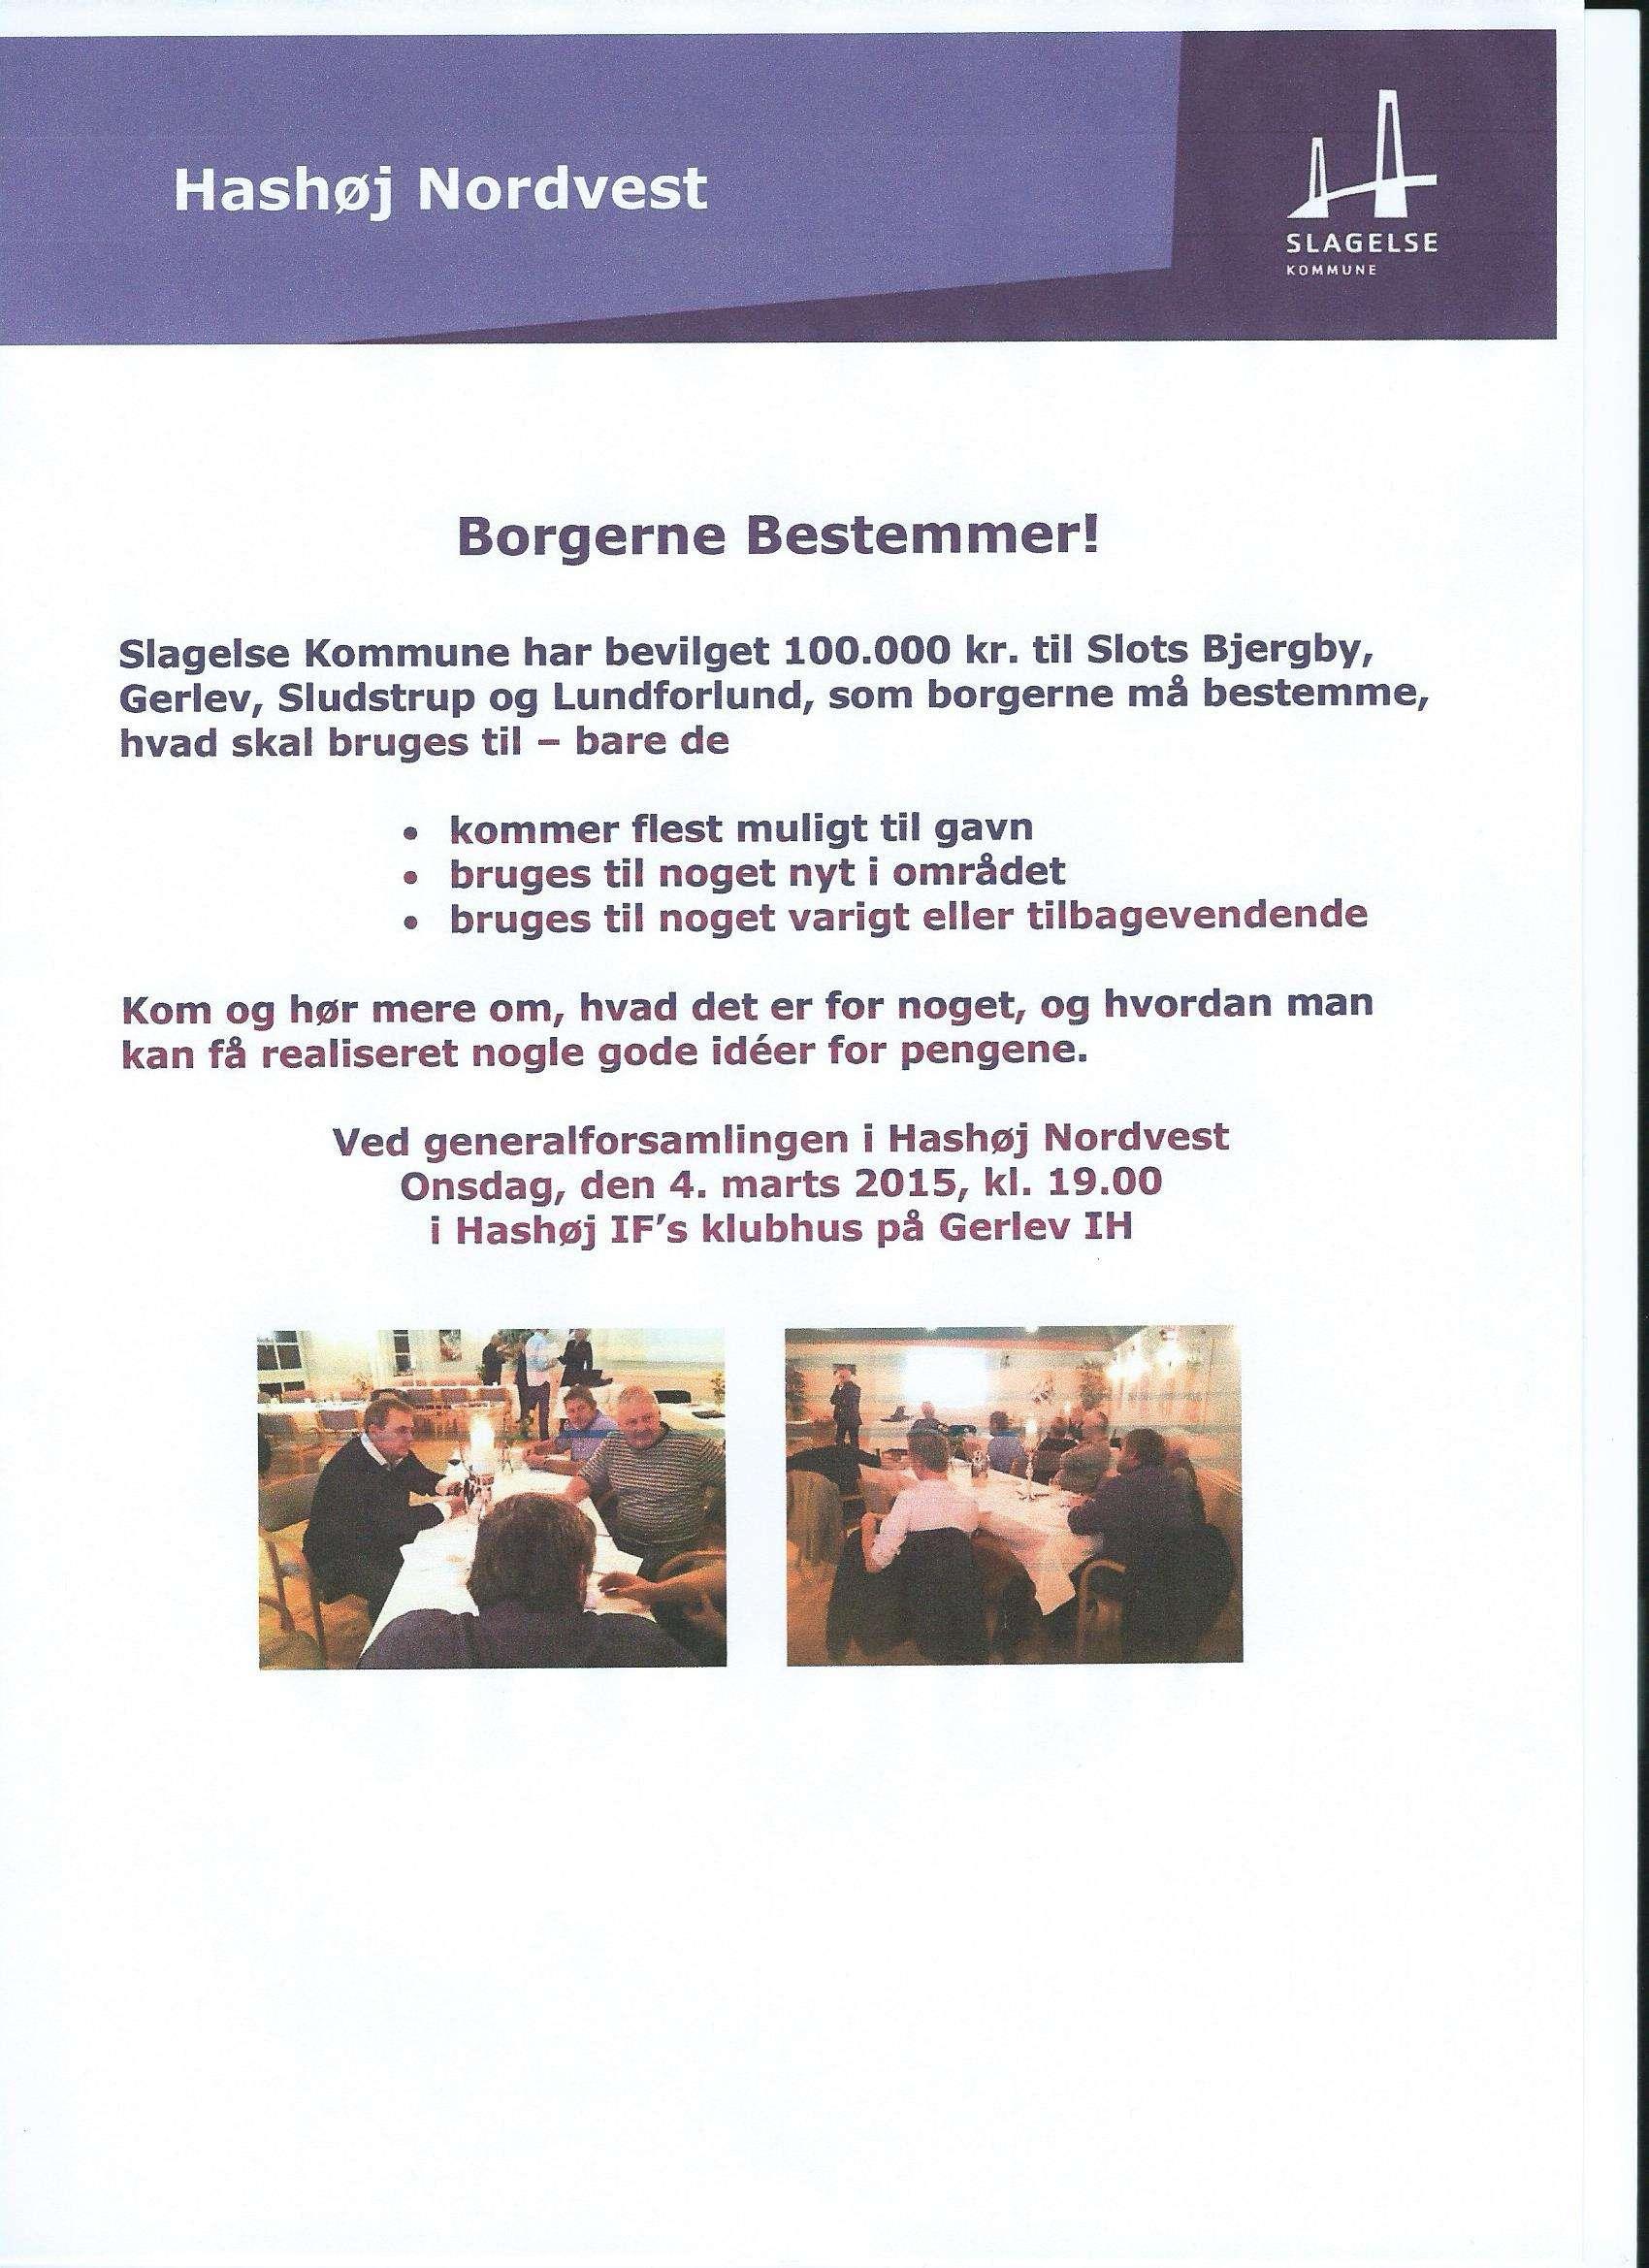 Borgerne bestemmer over 100.000 kr. i Hashøj Nordvest